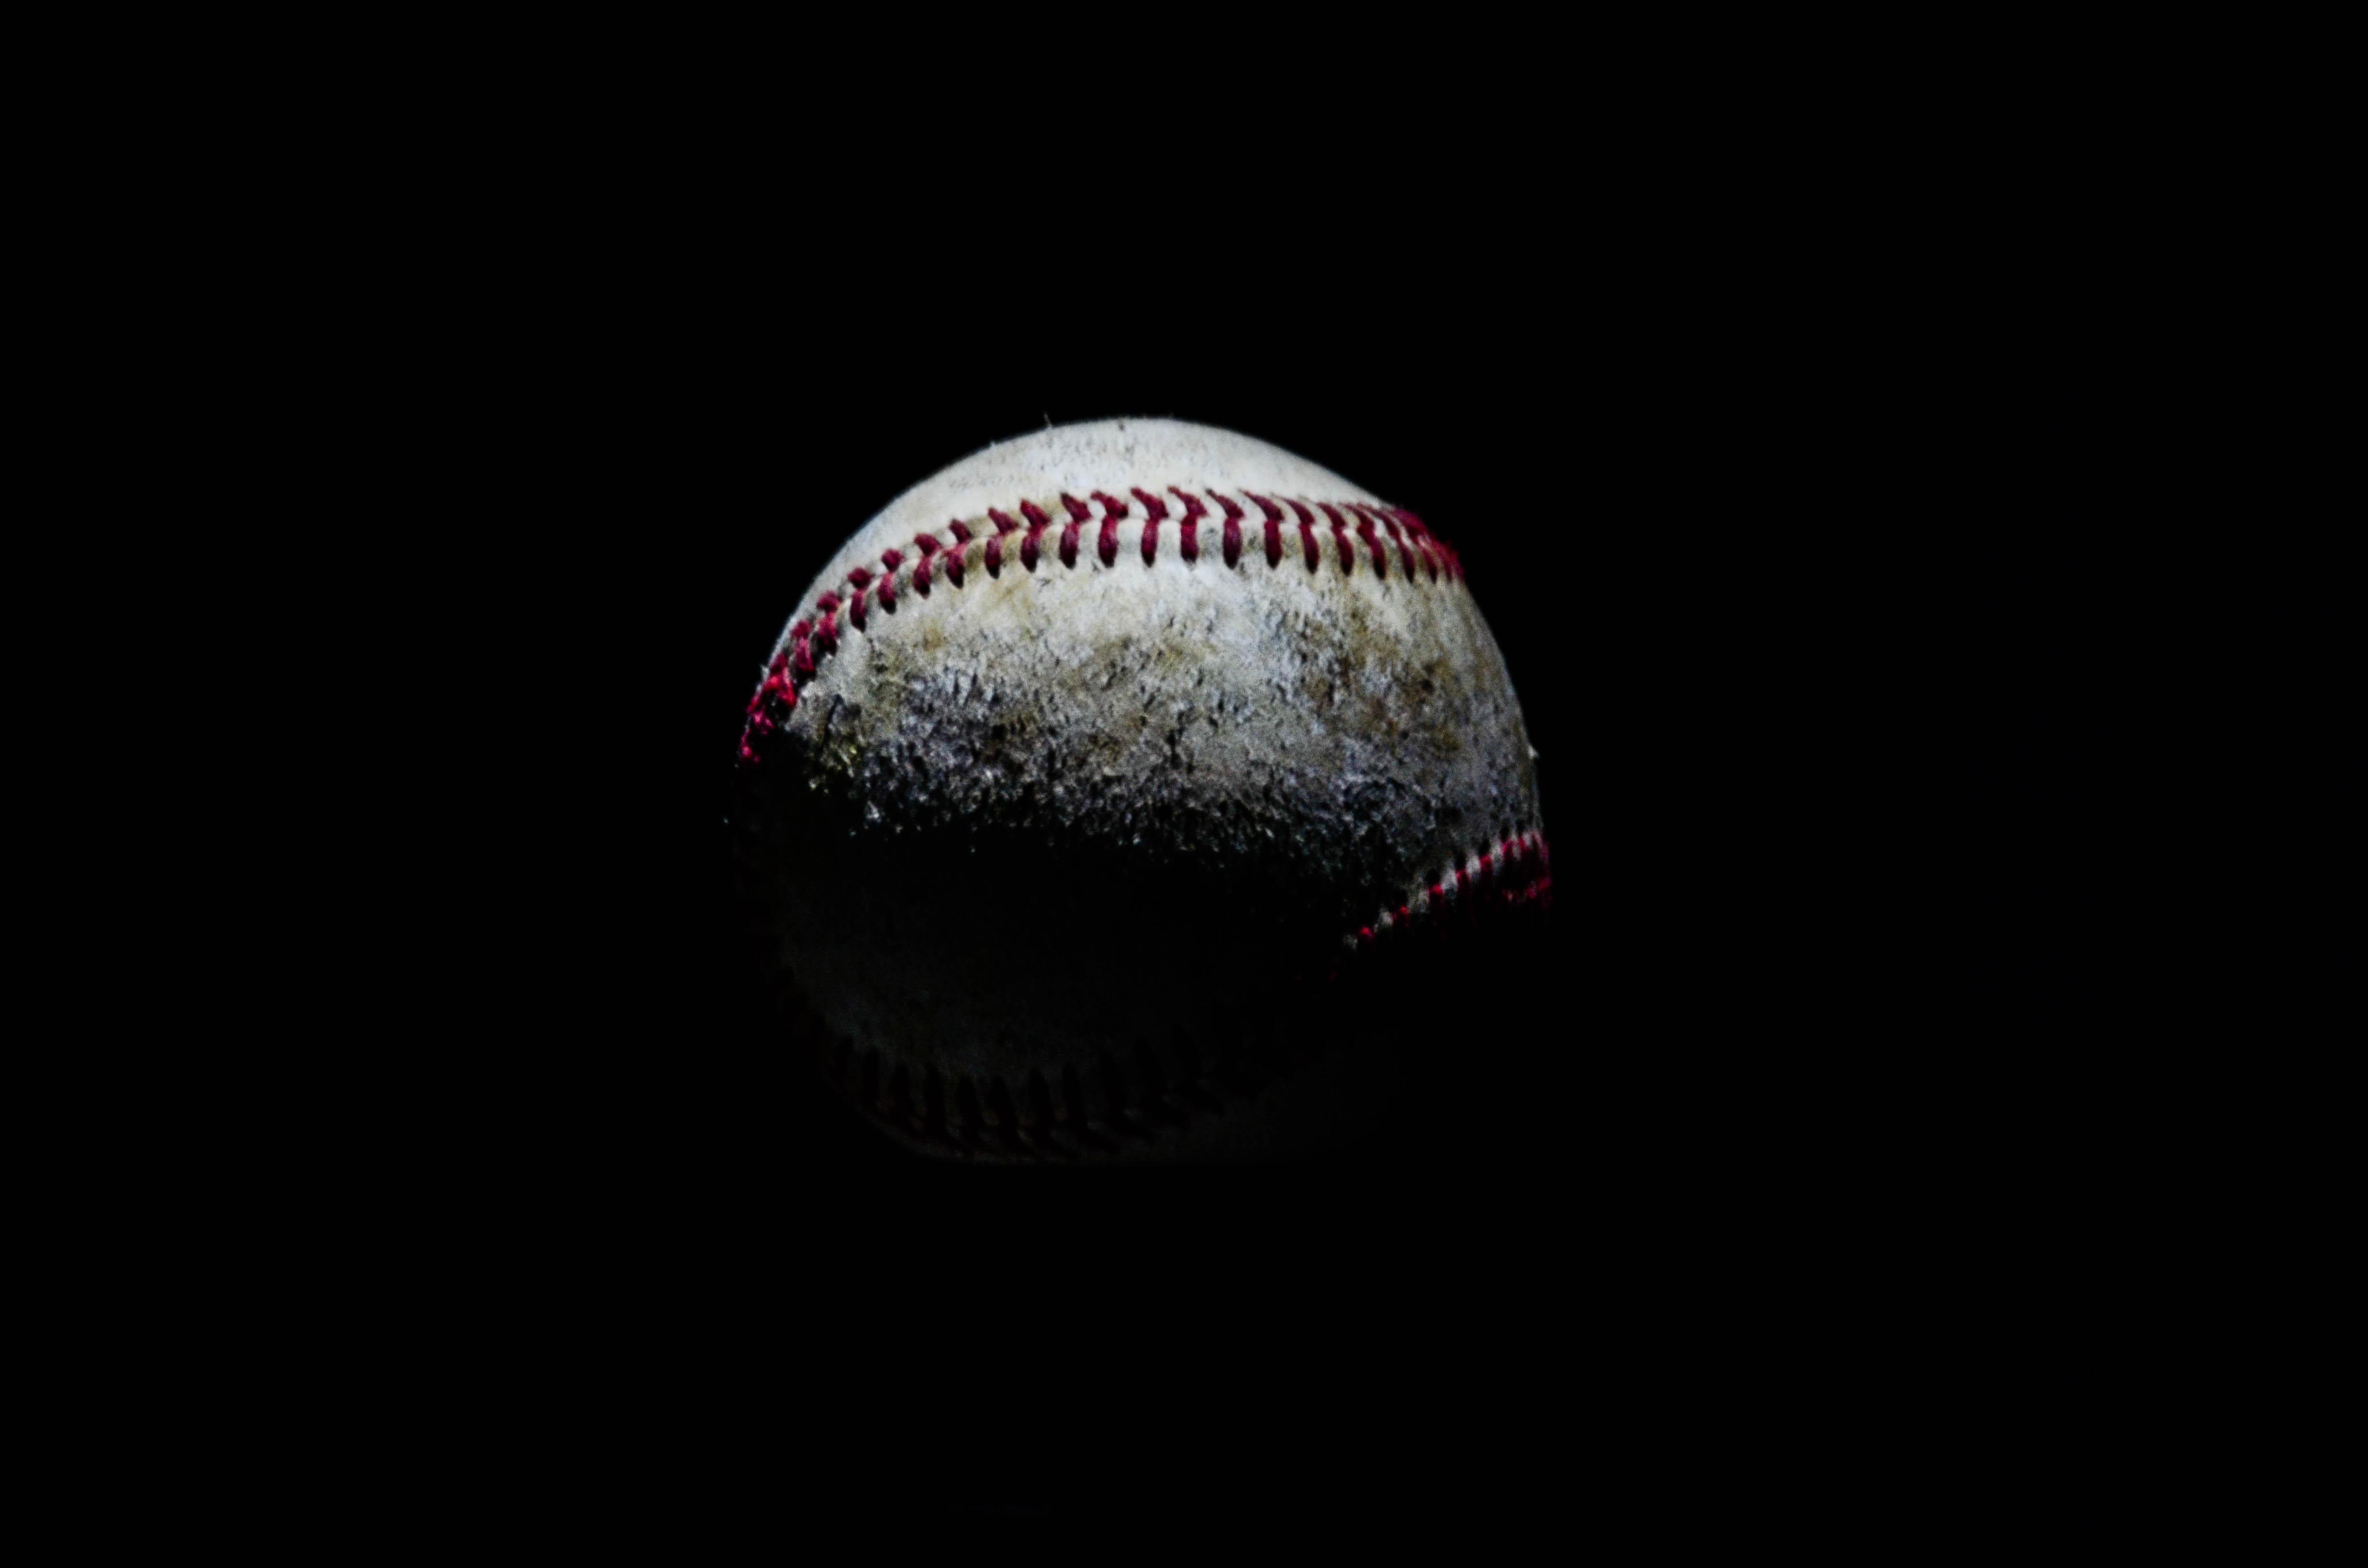 Imágenes Deportes Fondos: Fondos De Pantalla : Deportes, Contraste, Oscuro, Esfera